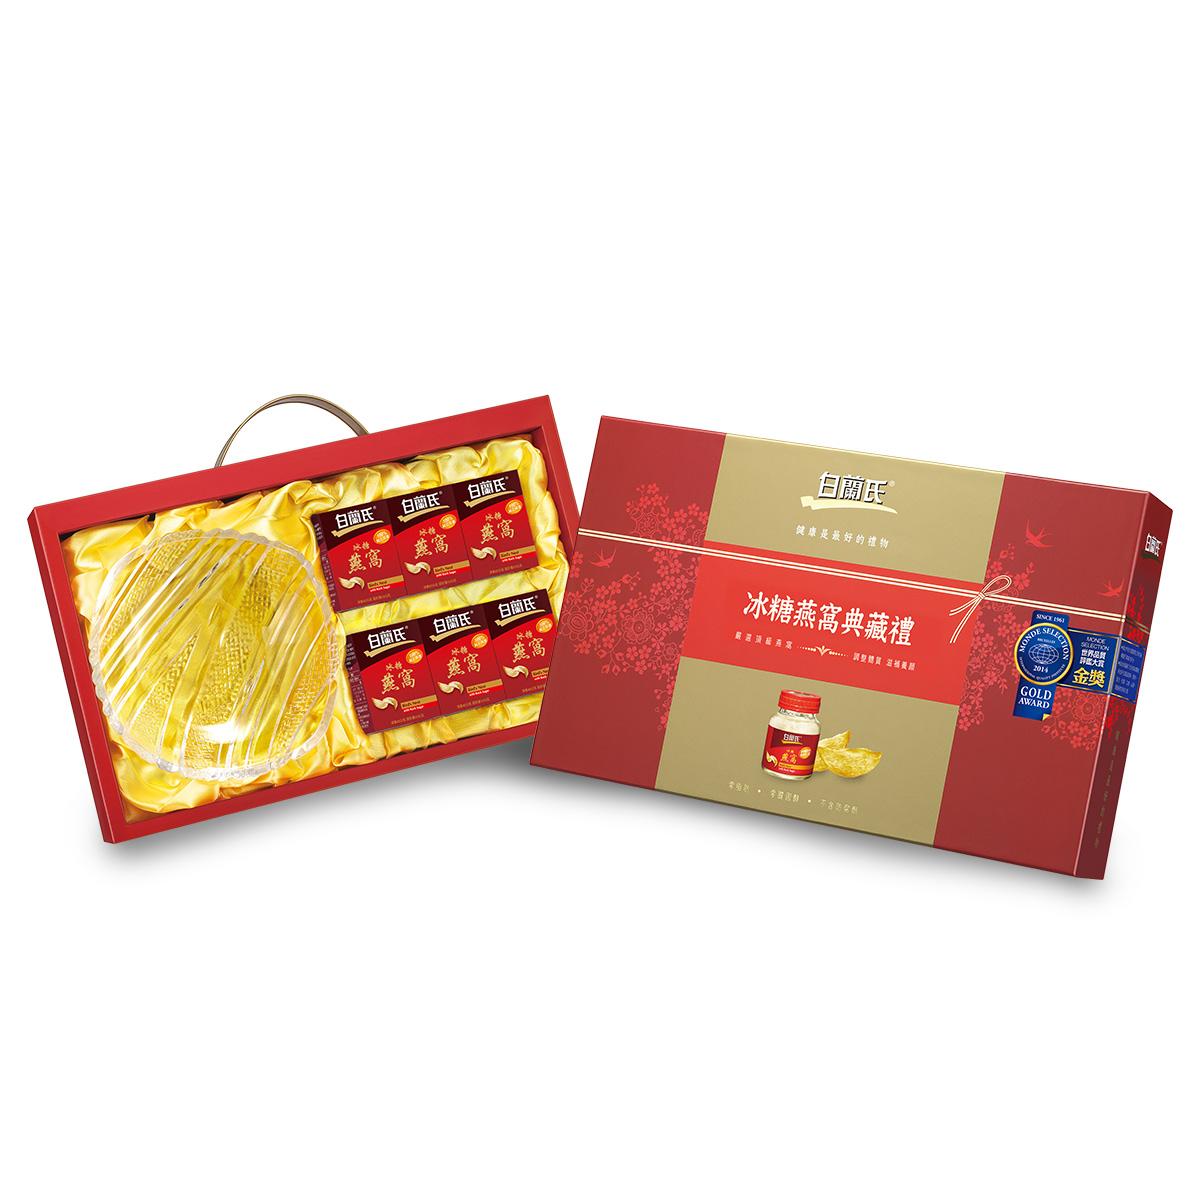 【送禮最體面 頂級純正燕窩】白蘭氏冰糖燕窩 70Gx6瓶璀璨盤禮盒